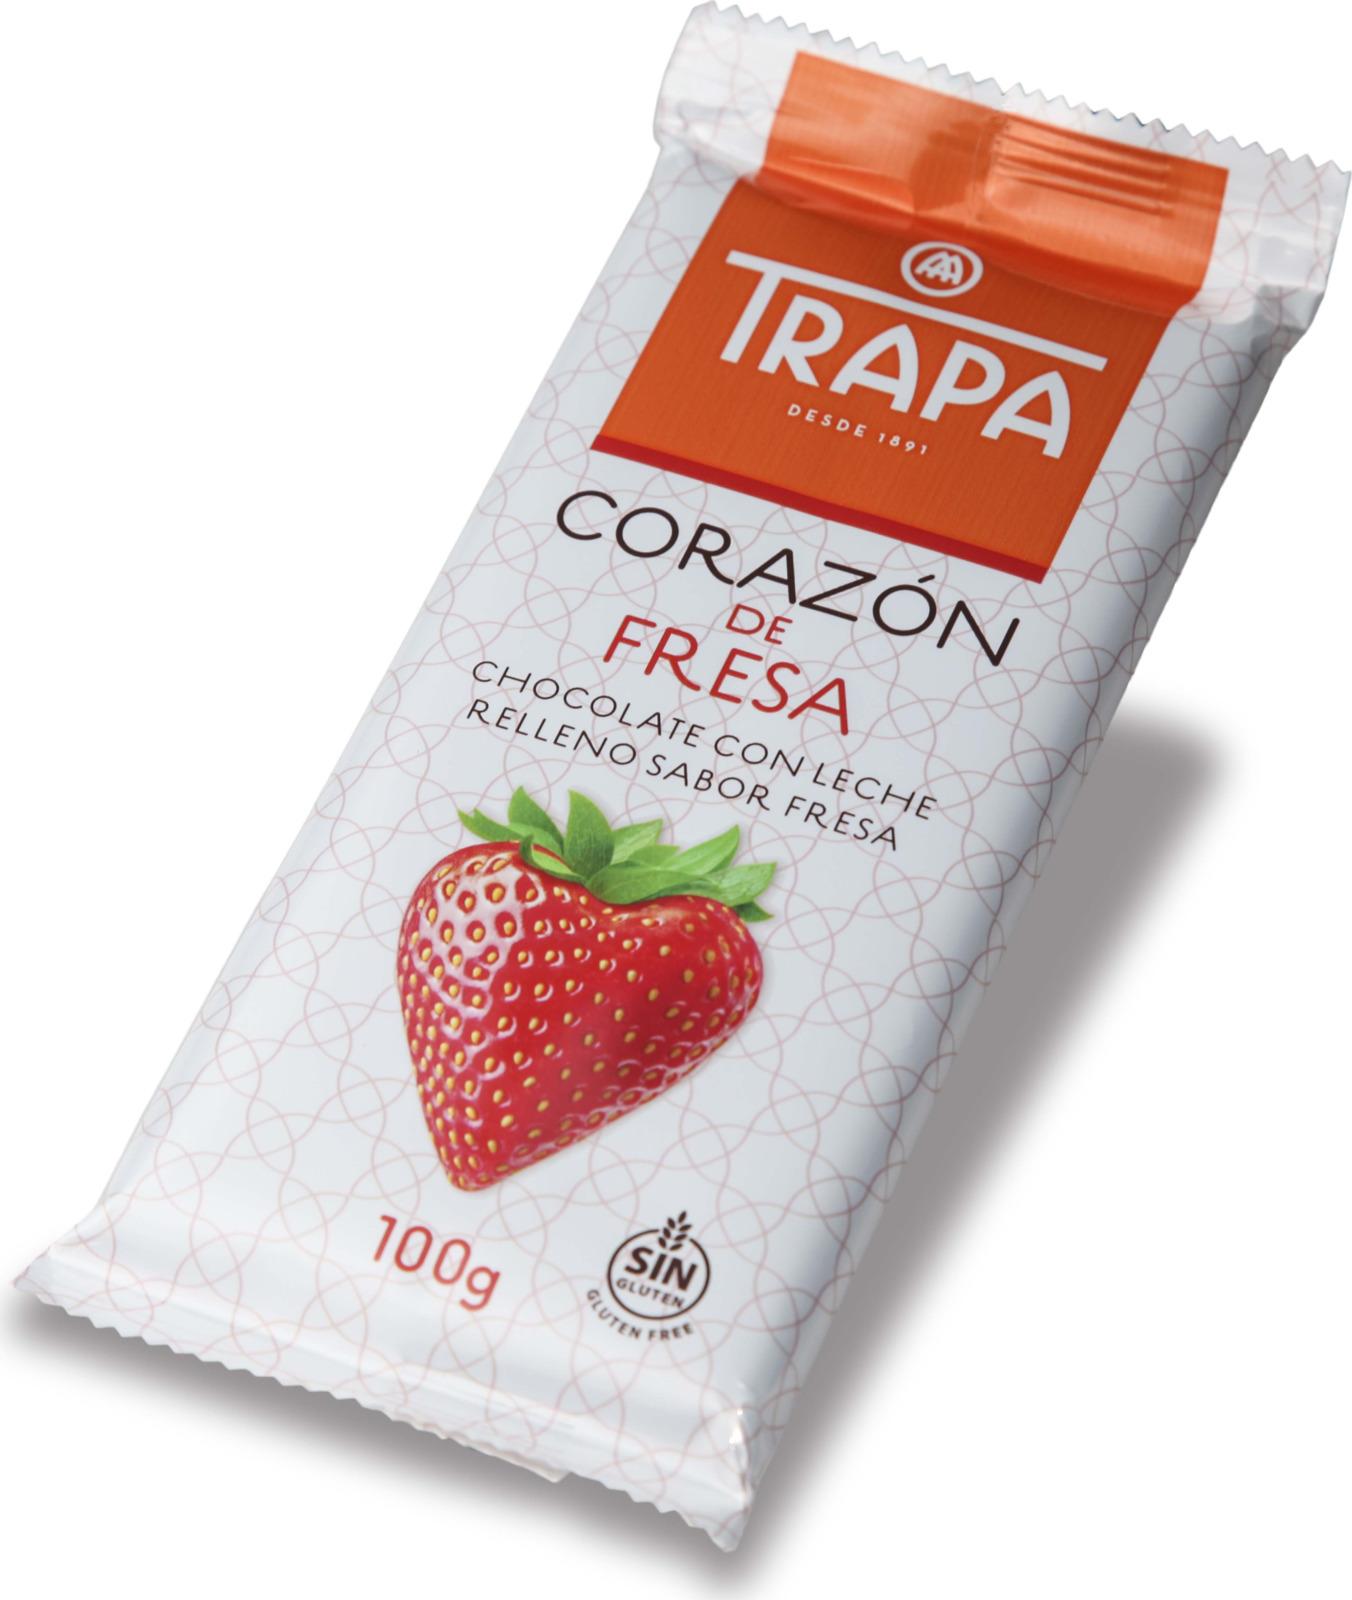 Молочный шоколад Trapa Corazоn Bar, с клубничной начинкой, 100 г lindt creation шоколад фондан молочный шоколад c начинкой 100 г